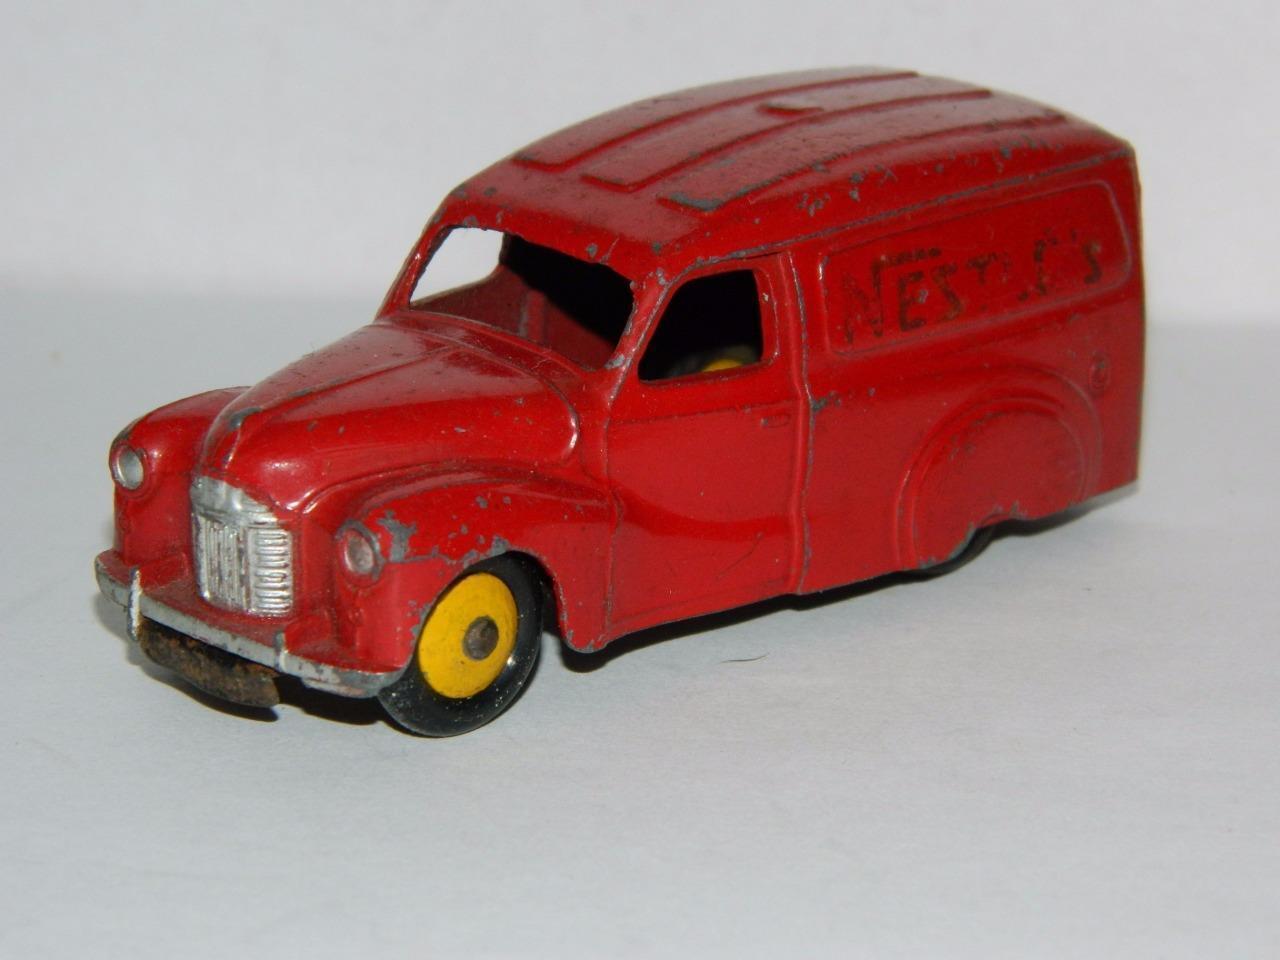 DINKY TOYS TOYS TOYS MECCANO VINTAGE AUSTIN A40 NESTLES VAN No.471 1955-60 409d26